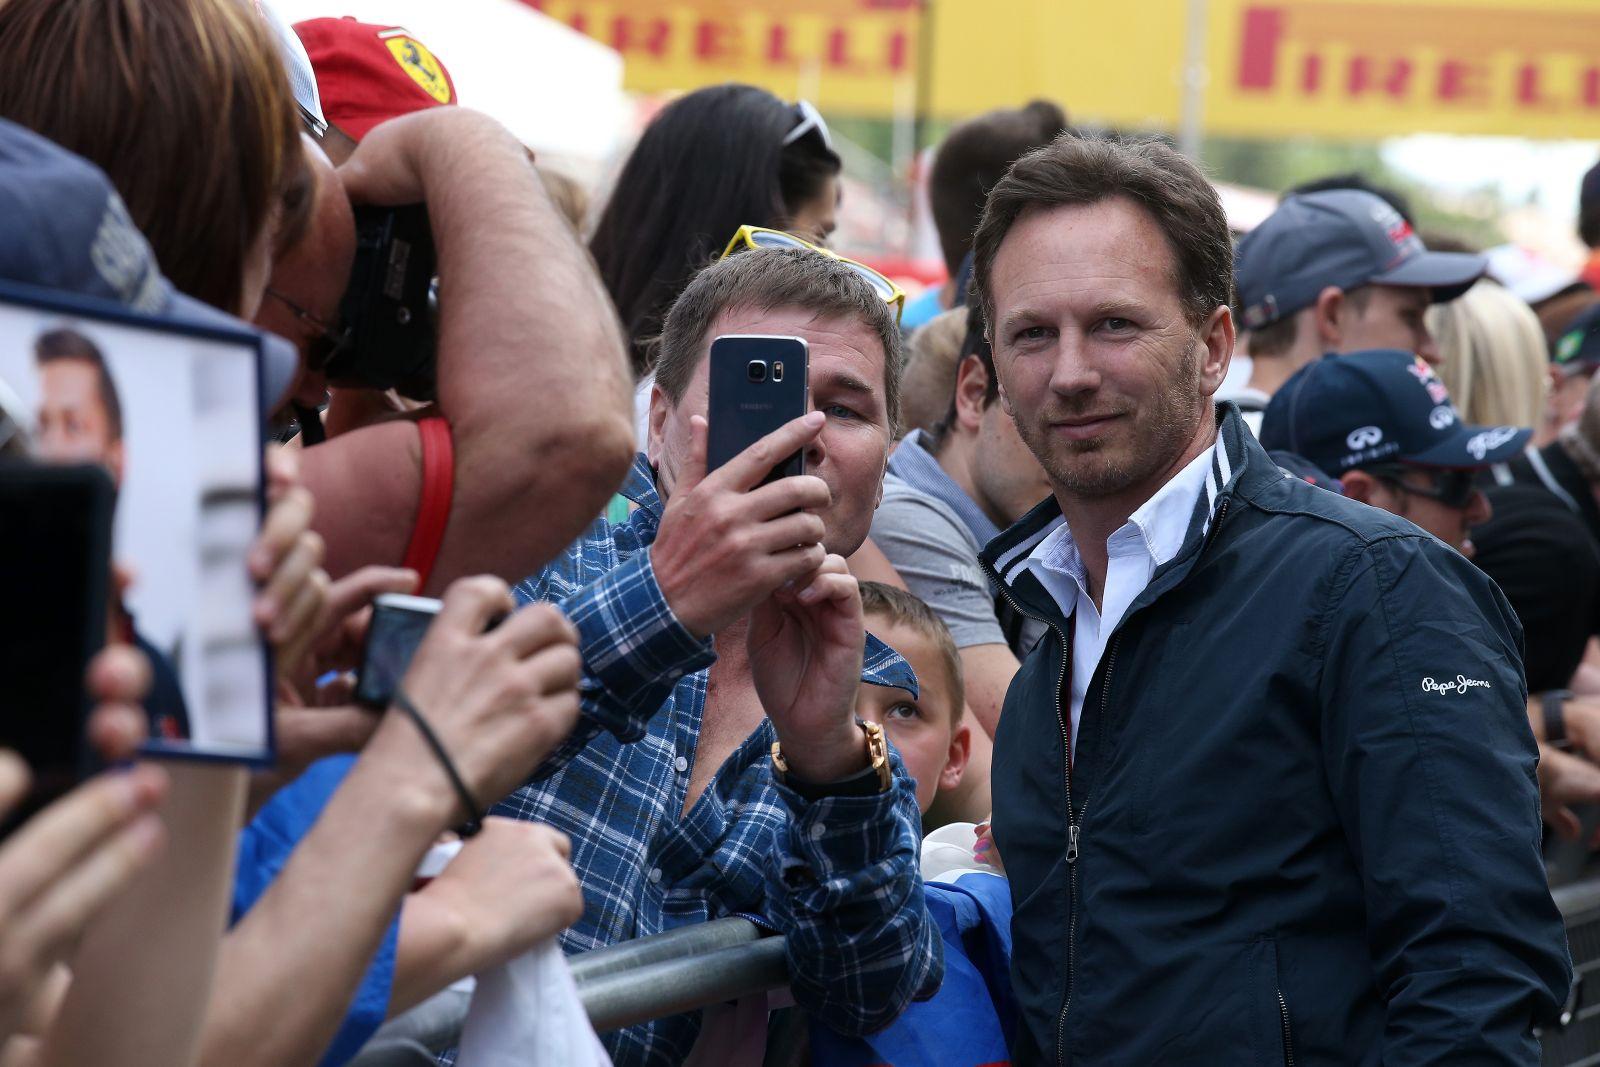 Horner jól viselkedett Vettel győzelme után, gratulált neki - részéről ennyi elég is volt